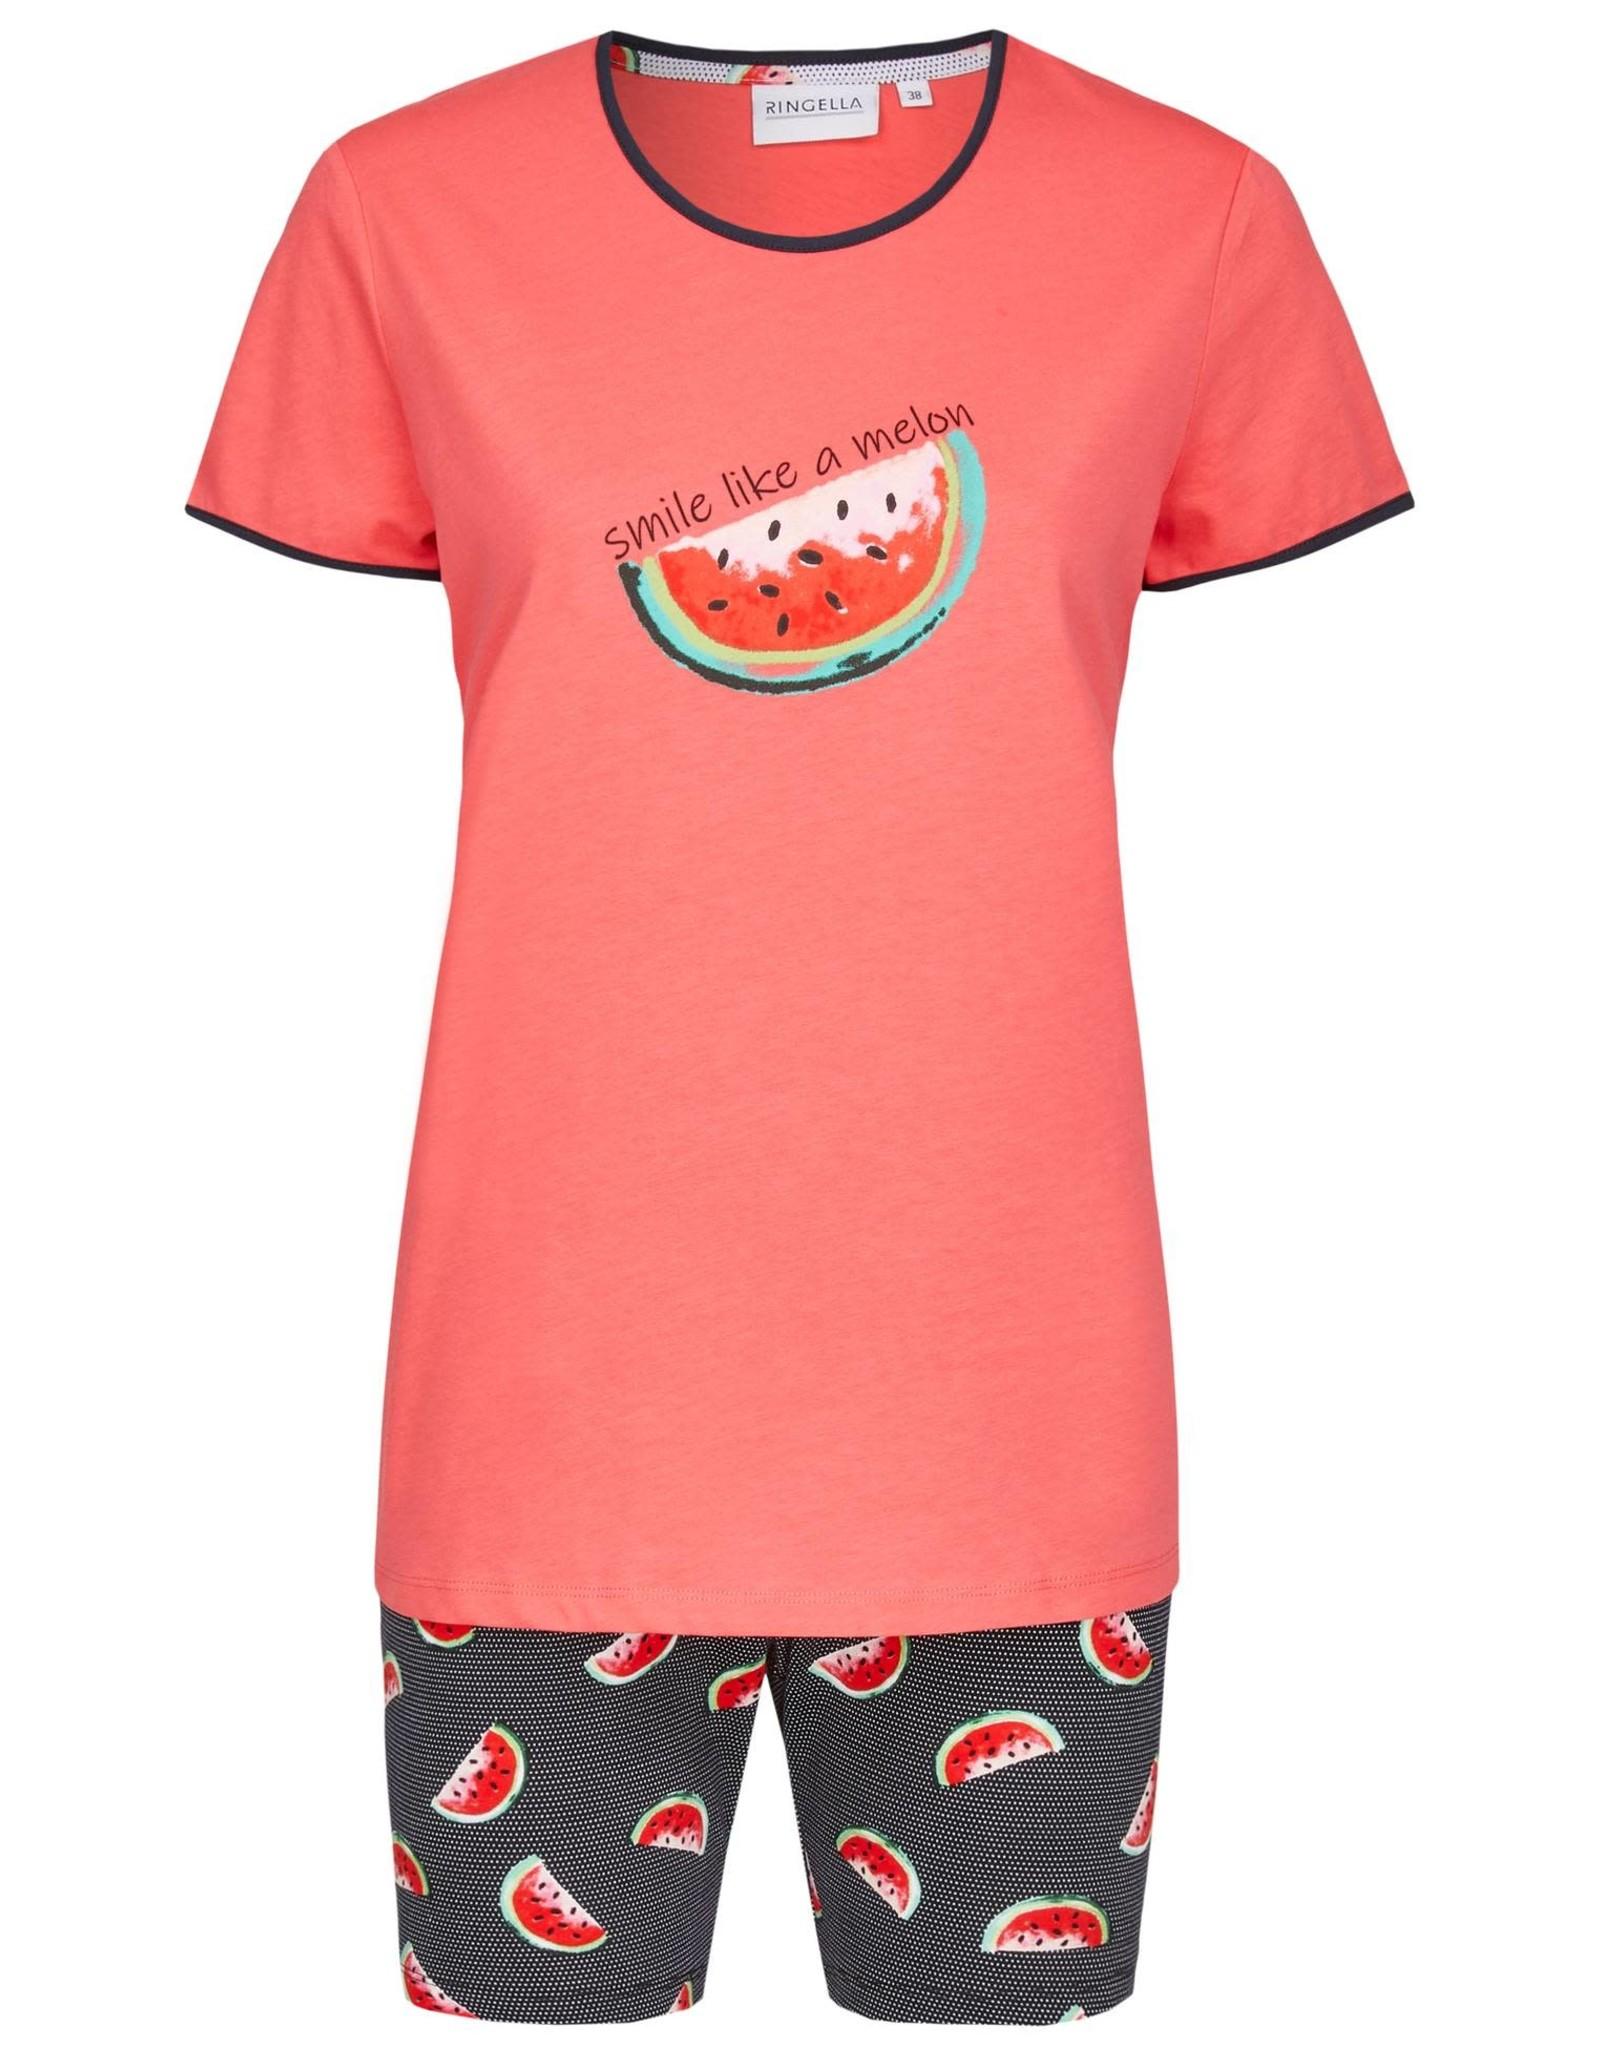 Ringella Pyjama boxer Ringella Women 0211306